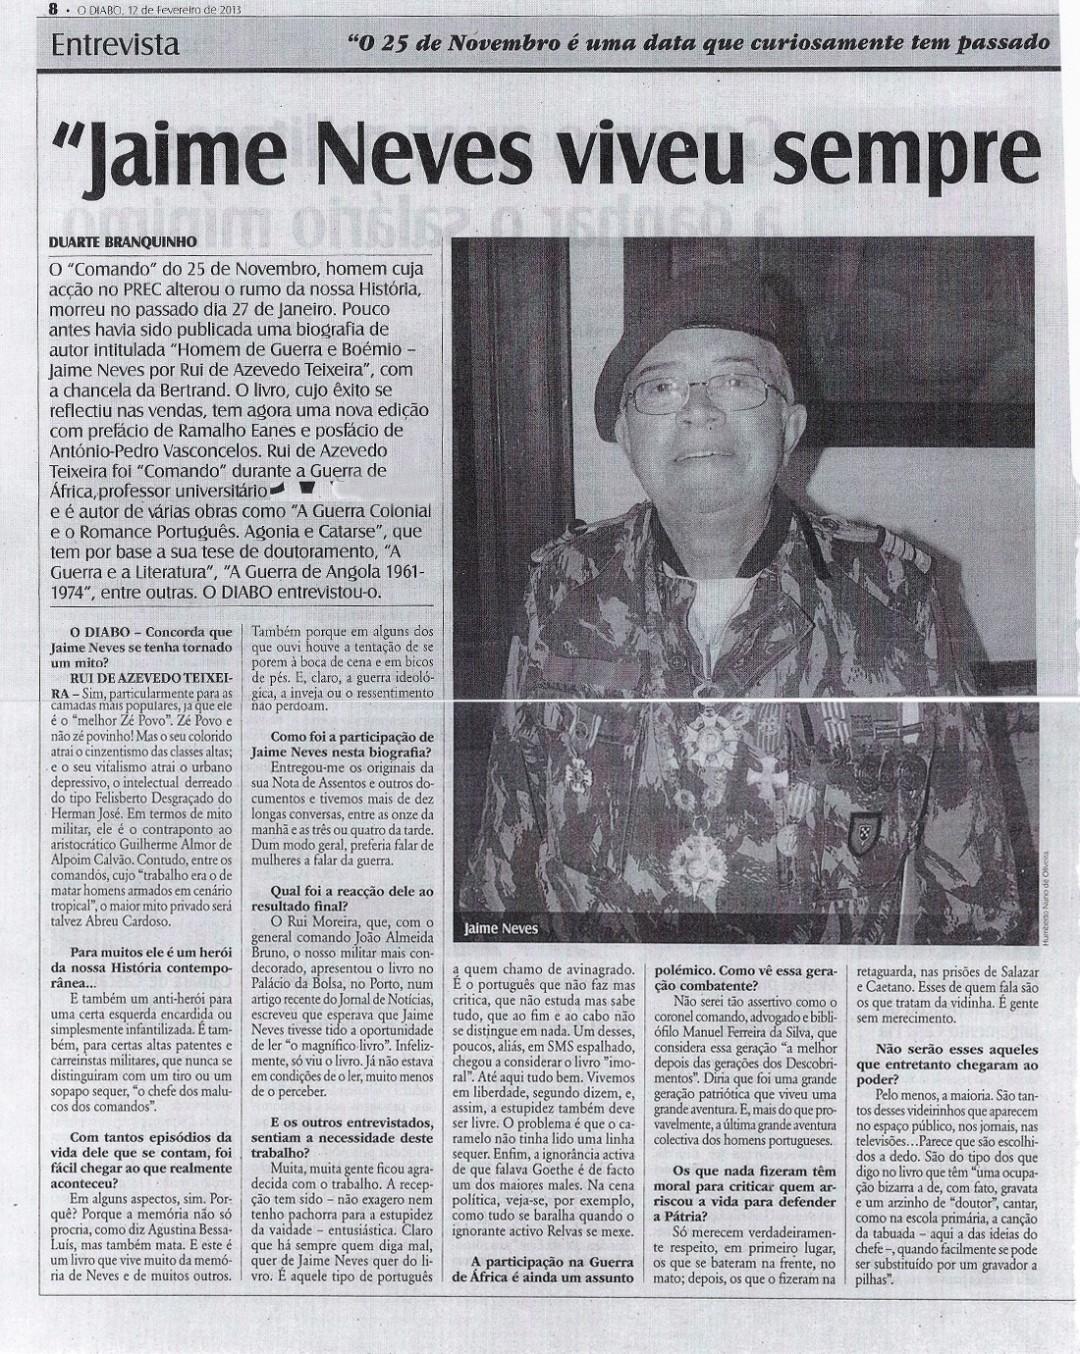 10. Jaime Neves por Rui de Azevedo Teixeira